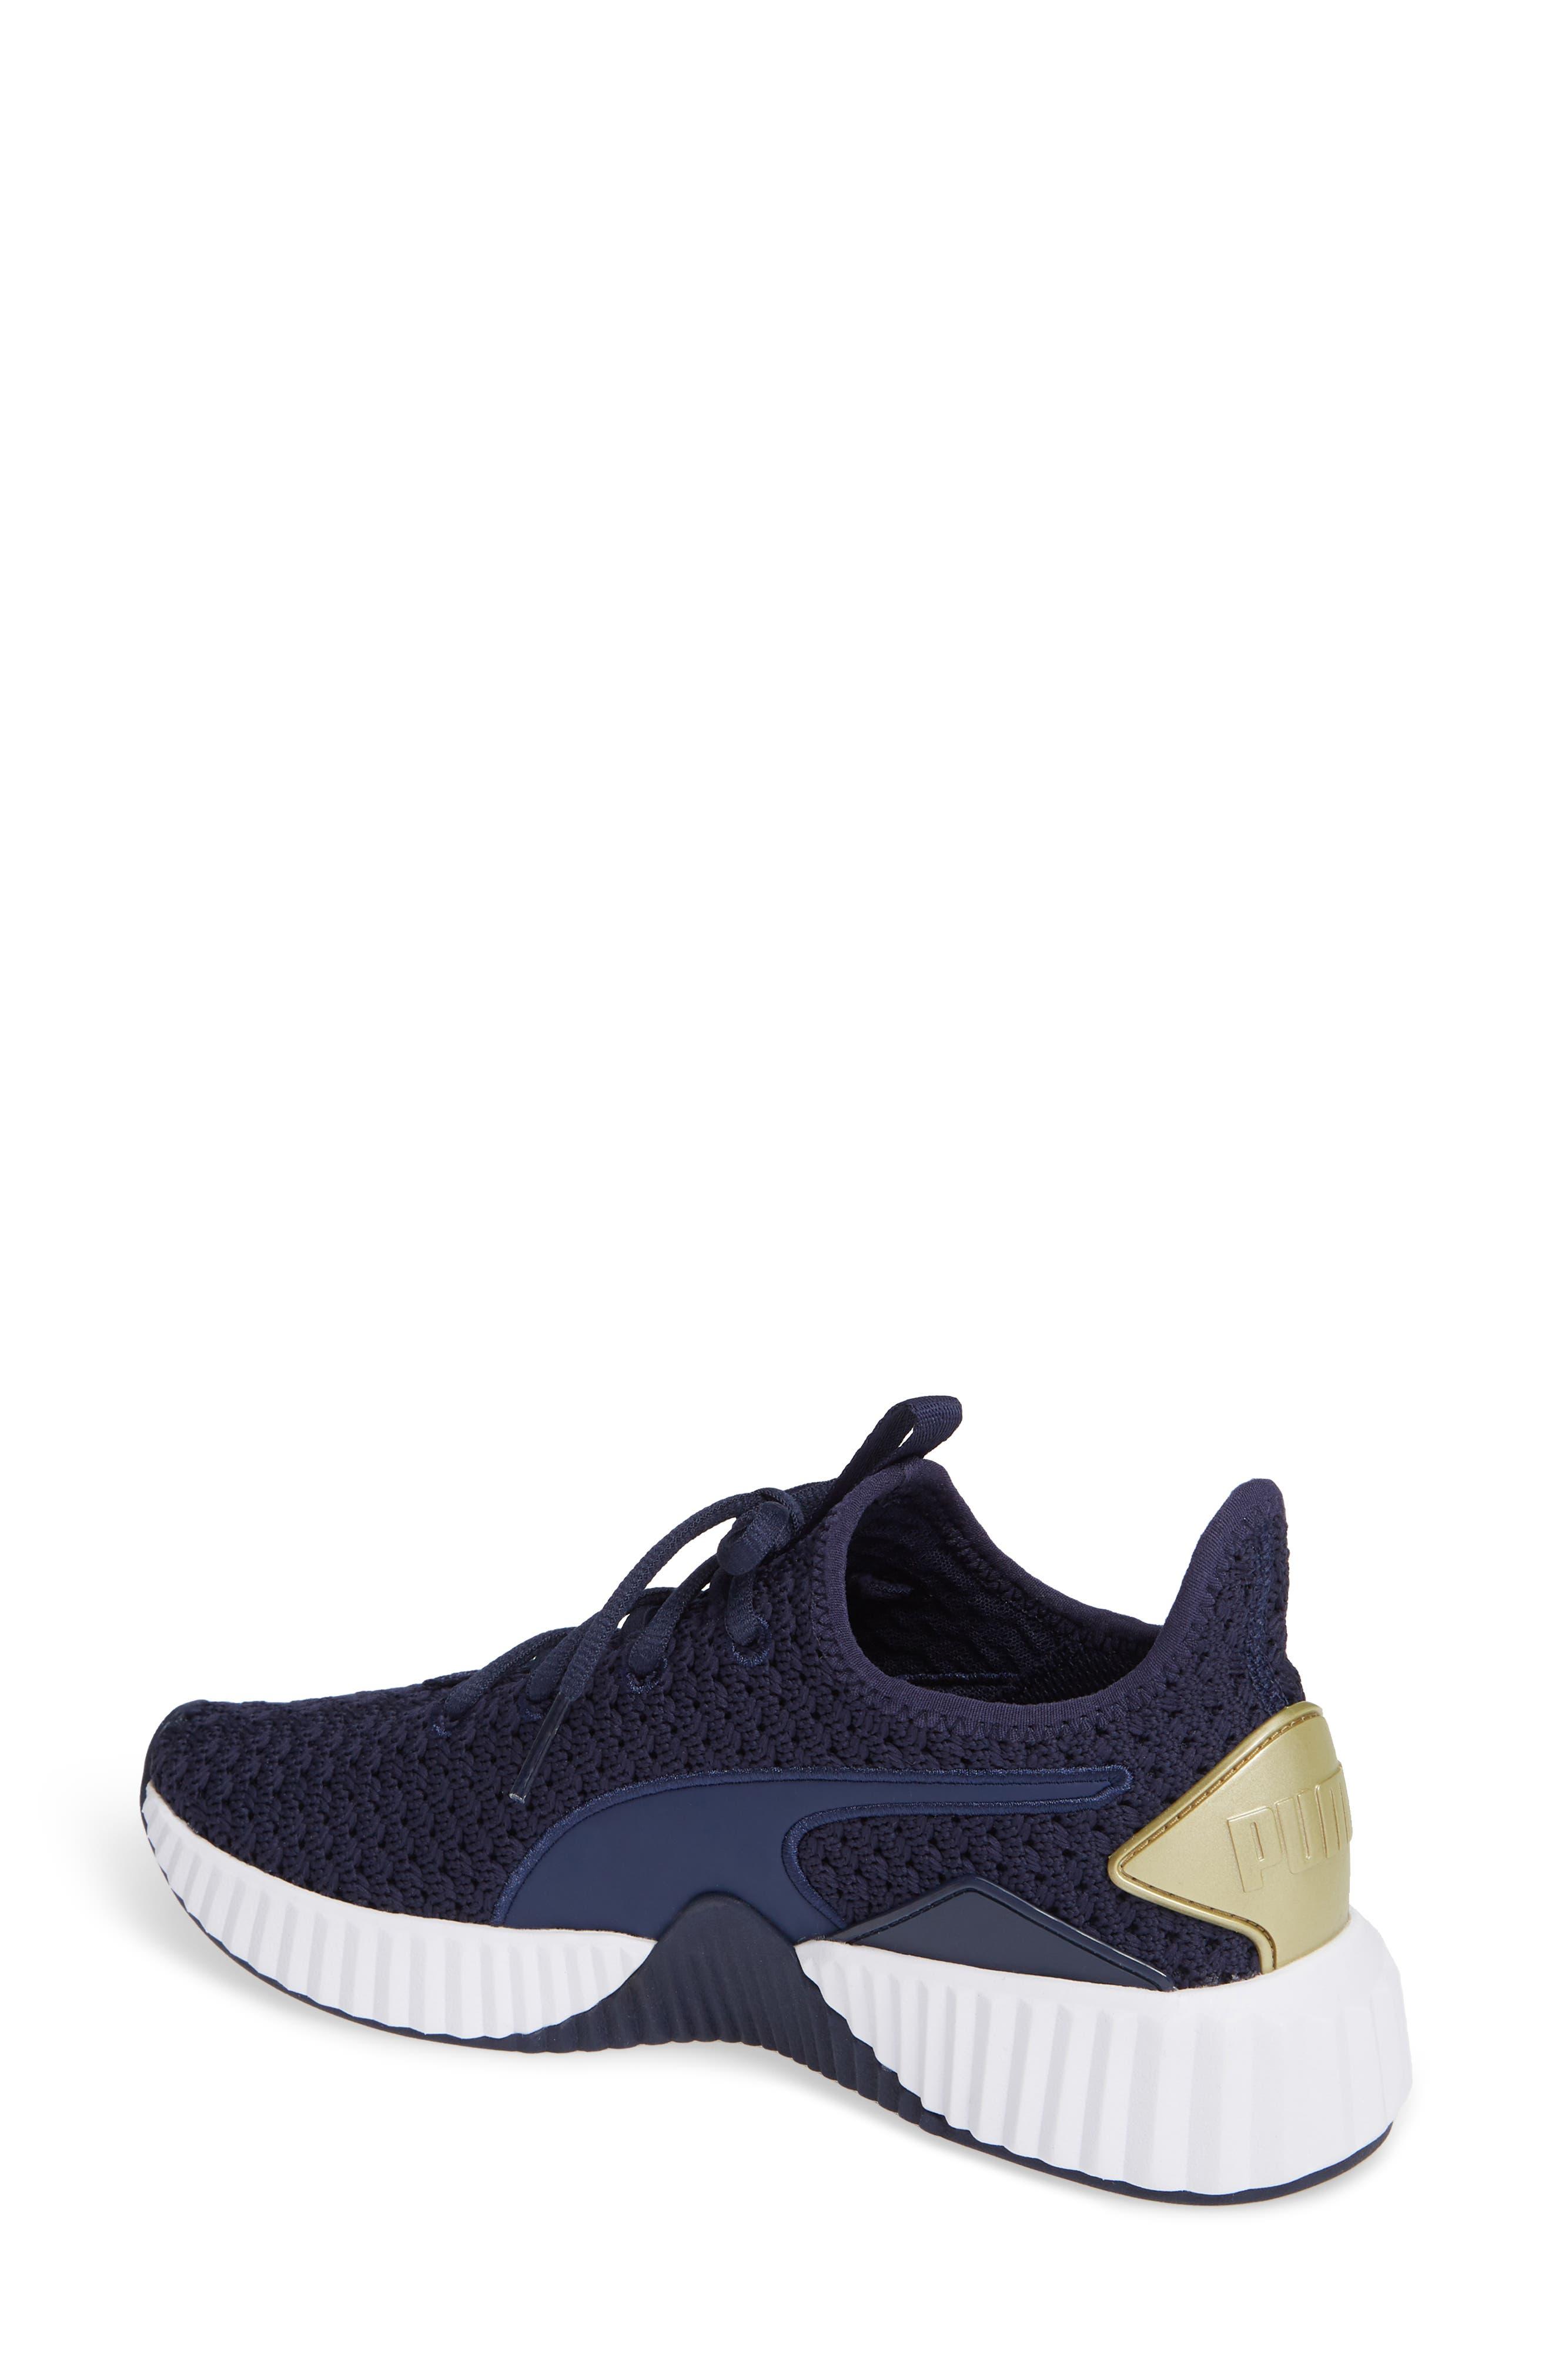 Defy Varsity Sneaker,                             Alternate thumbnail 2, color,                             BLUE/ METALLIC GOLD